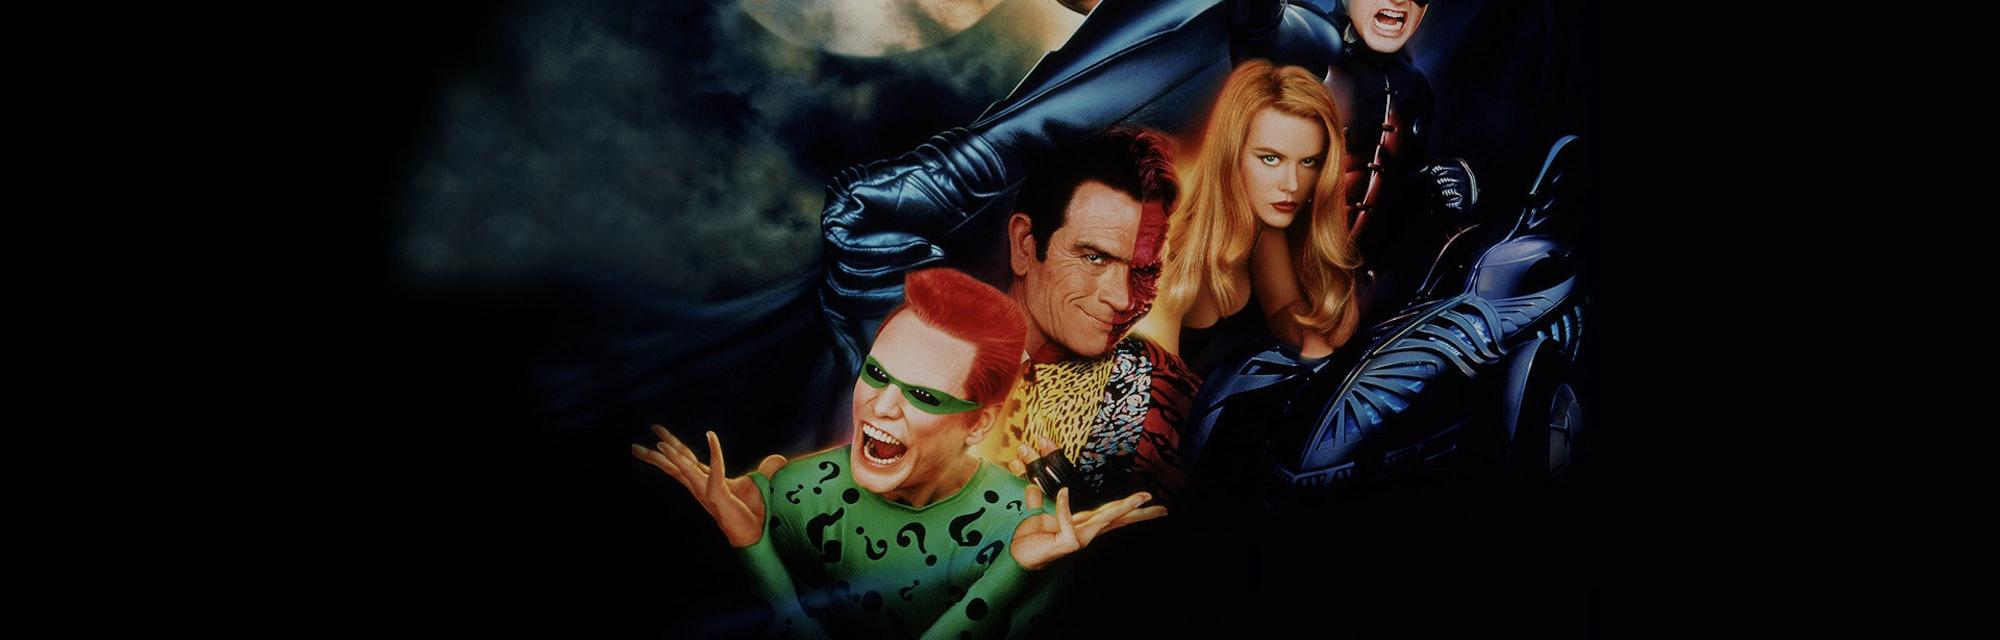 Retro Game Replay Batman Forever 1995